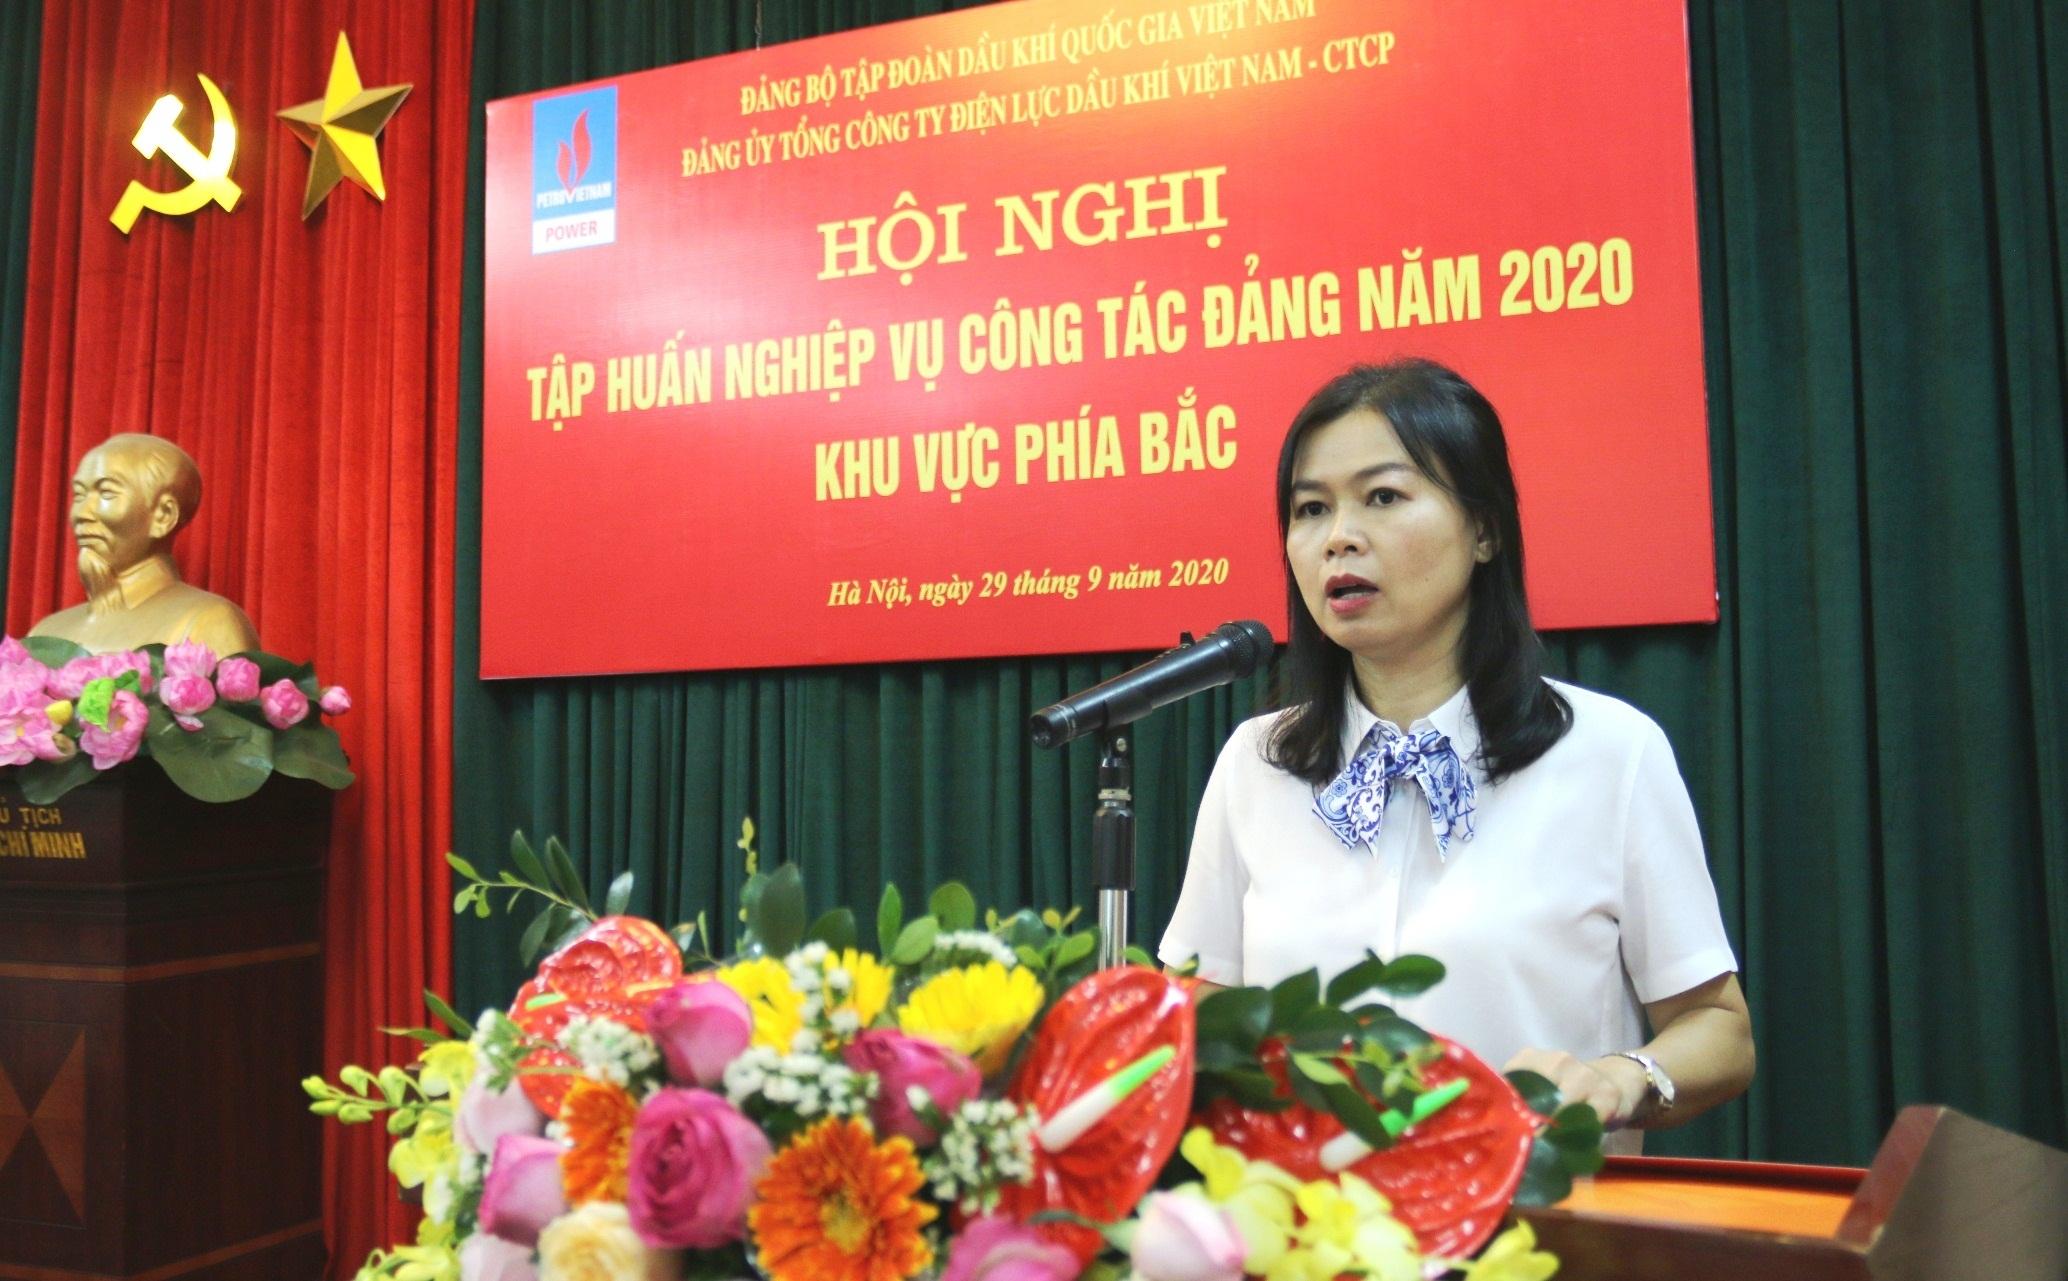 pv power to chuc hoi nghi tap huan cong tac dang nam 2020 khu vuc phia bac